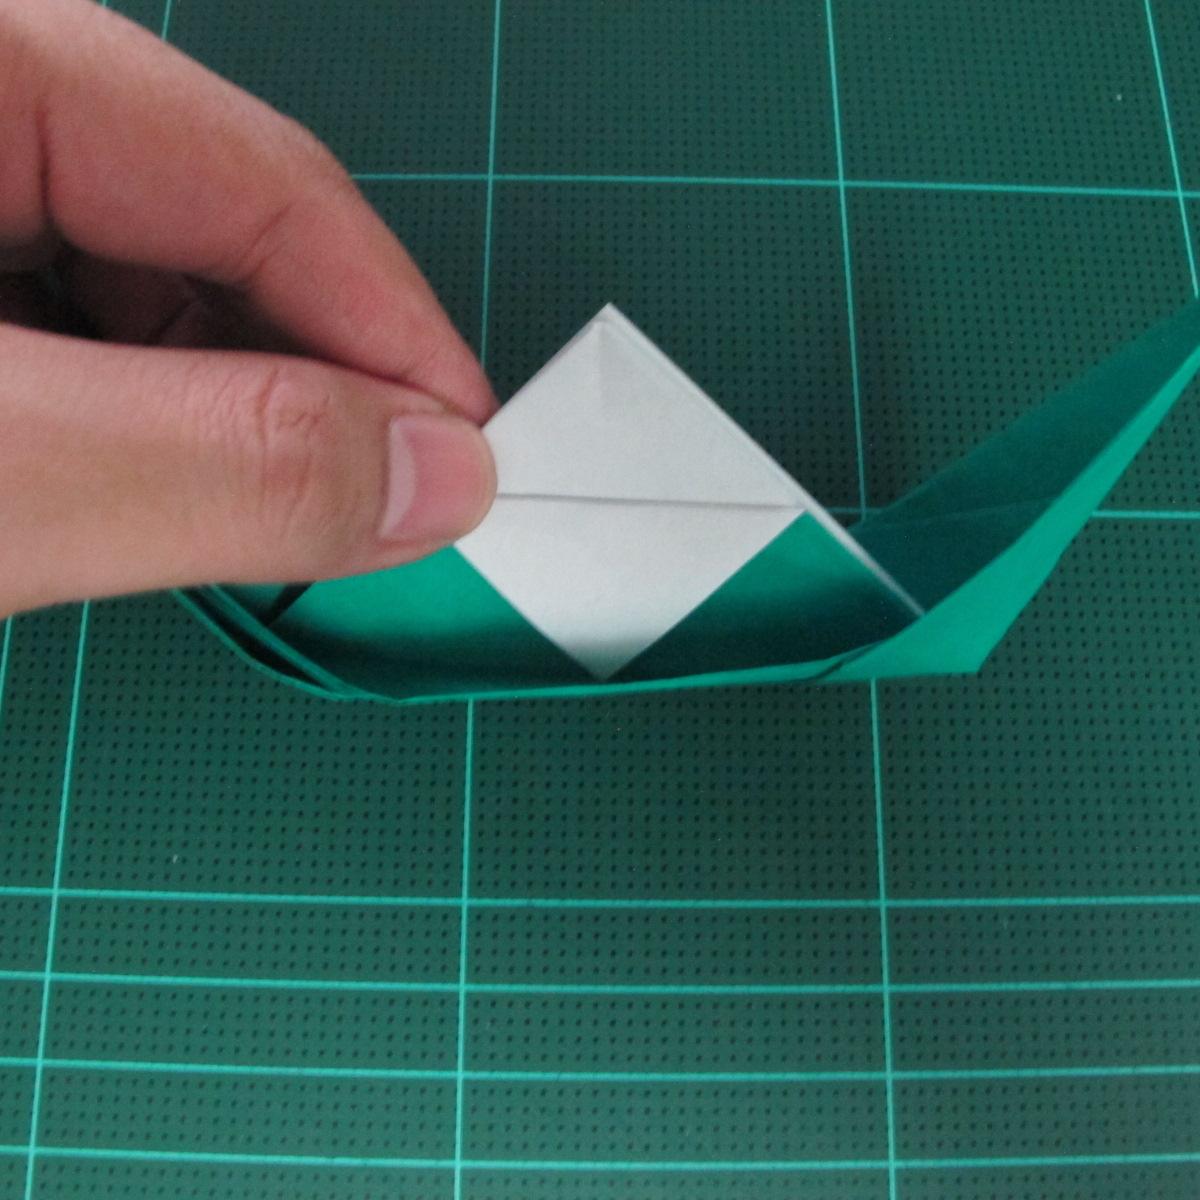 การพับกระดาษเป็นรูปเรือมังกร (Origami Dragon Boat) 024